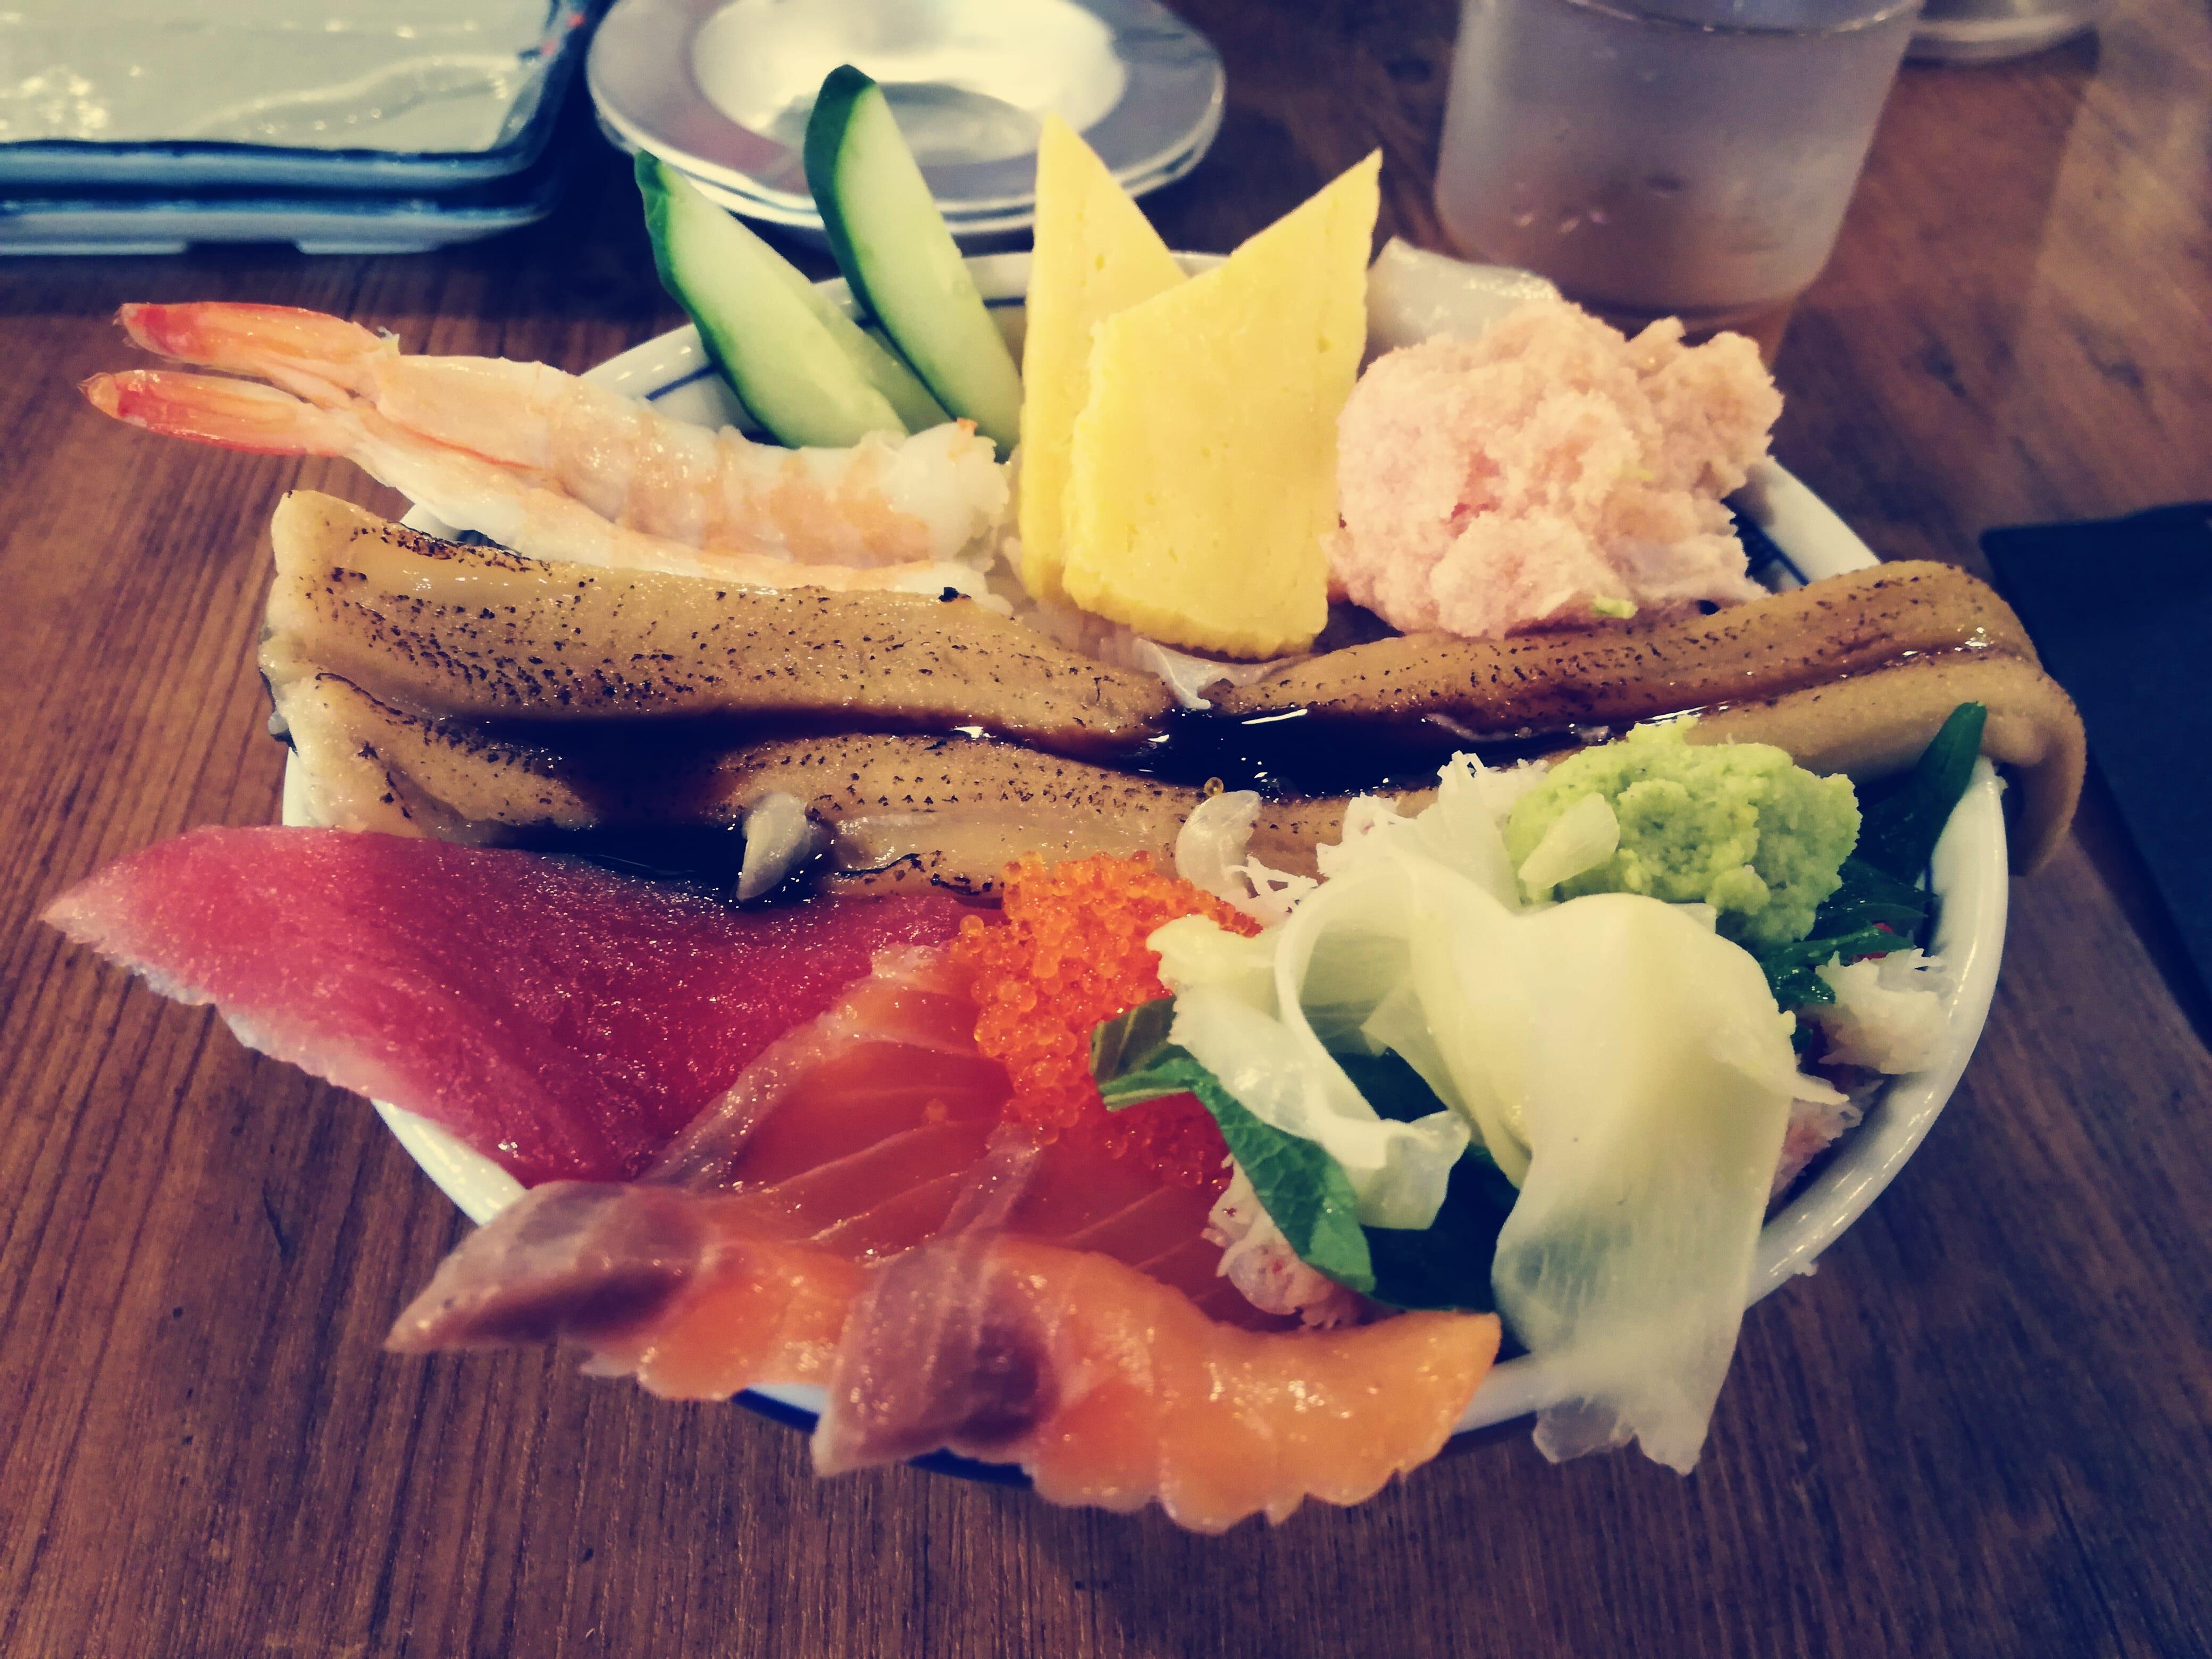 SFPホールディングス(3198)の株主優待券使って磯丸水産で海鮮こぼれ丼をいただきました!